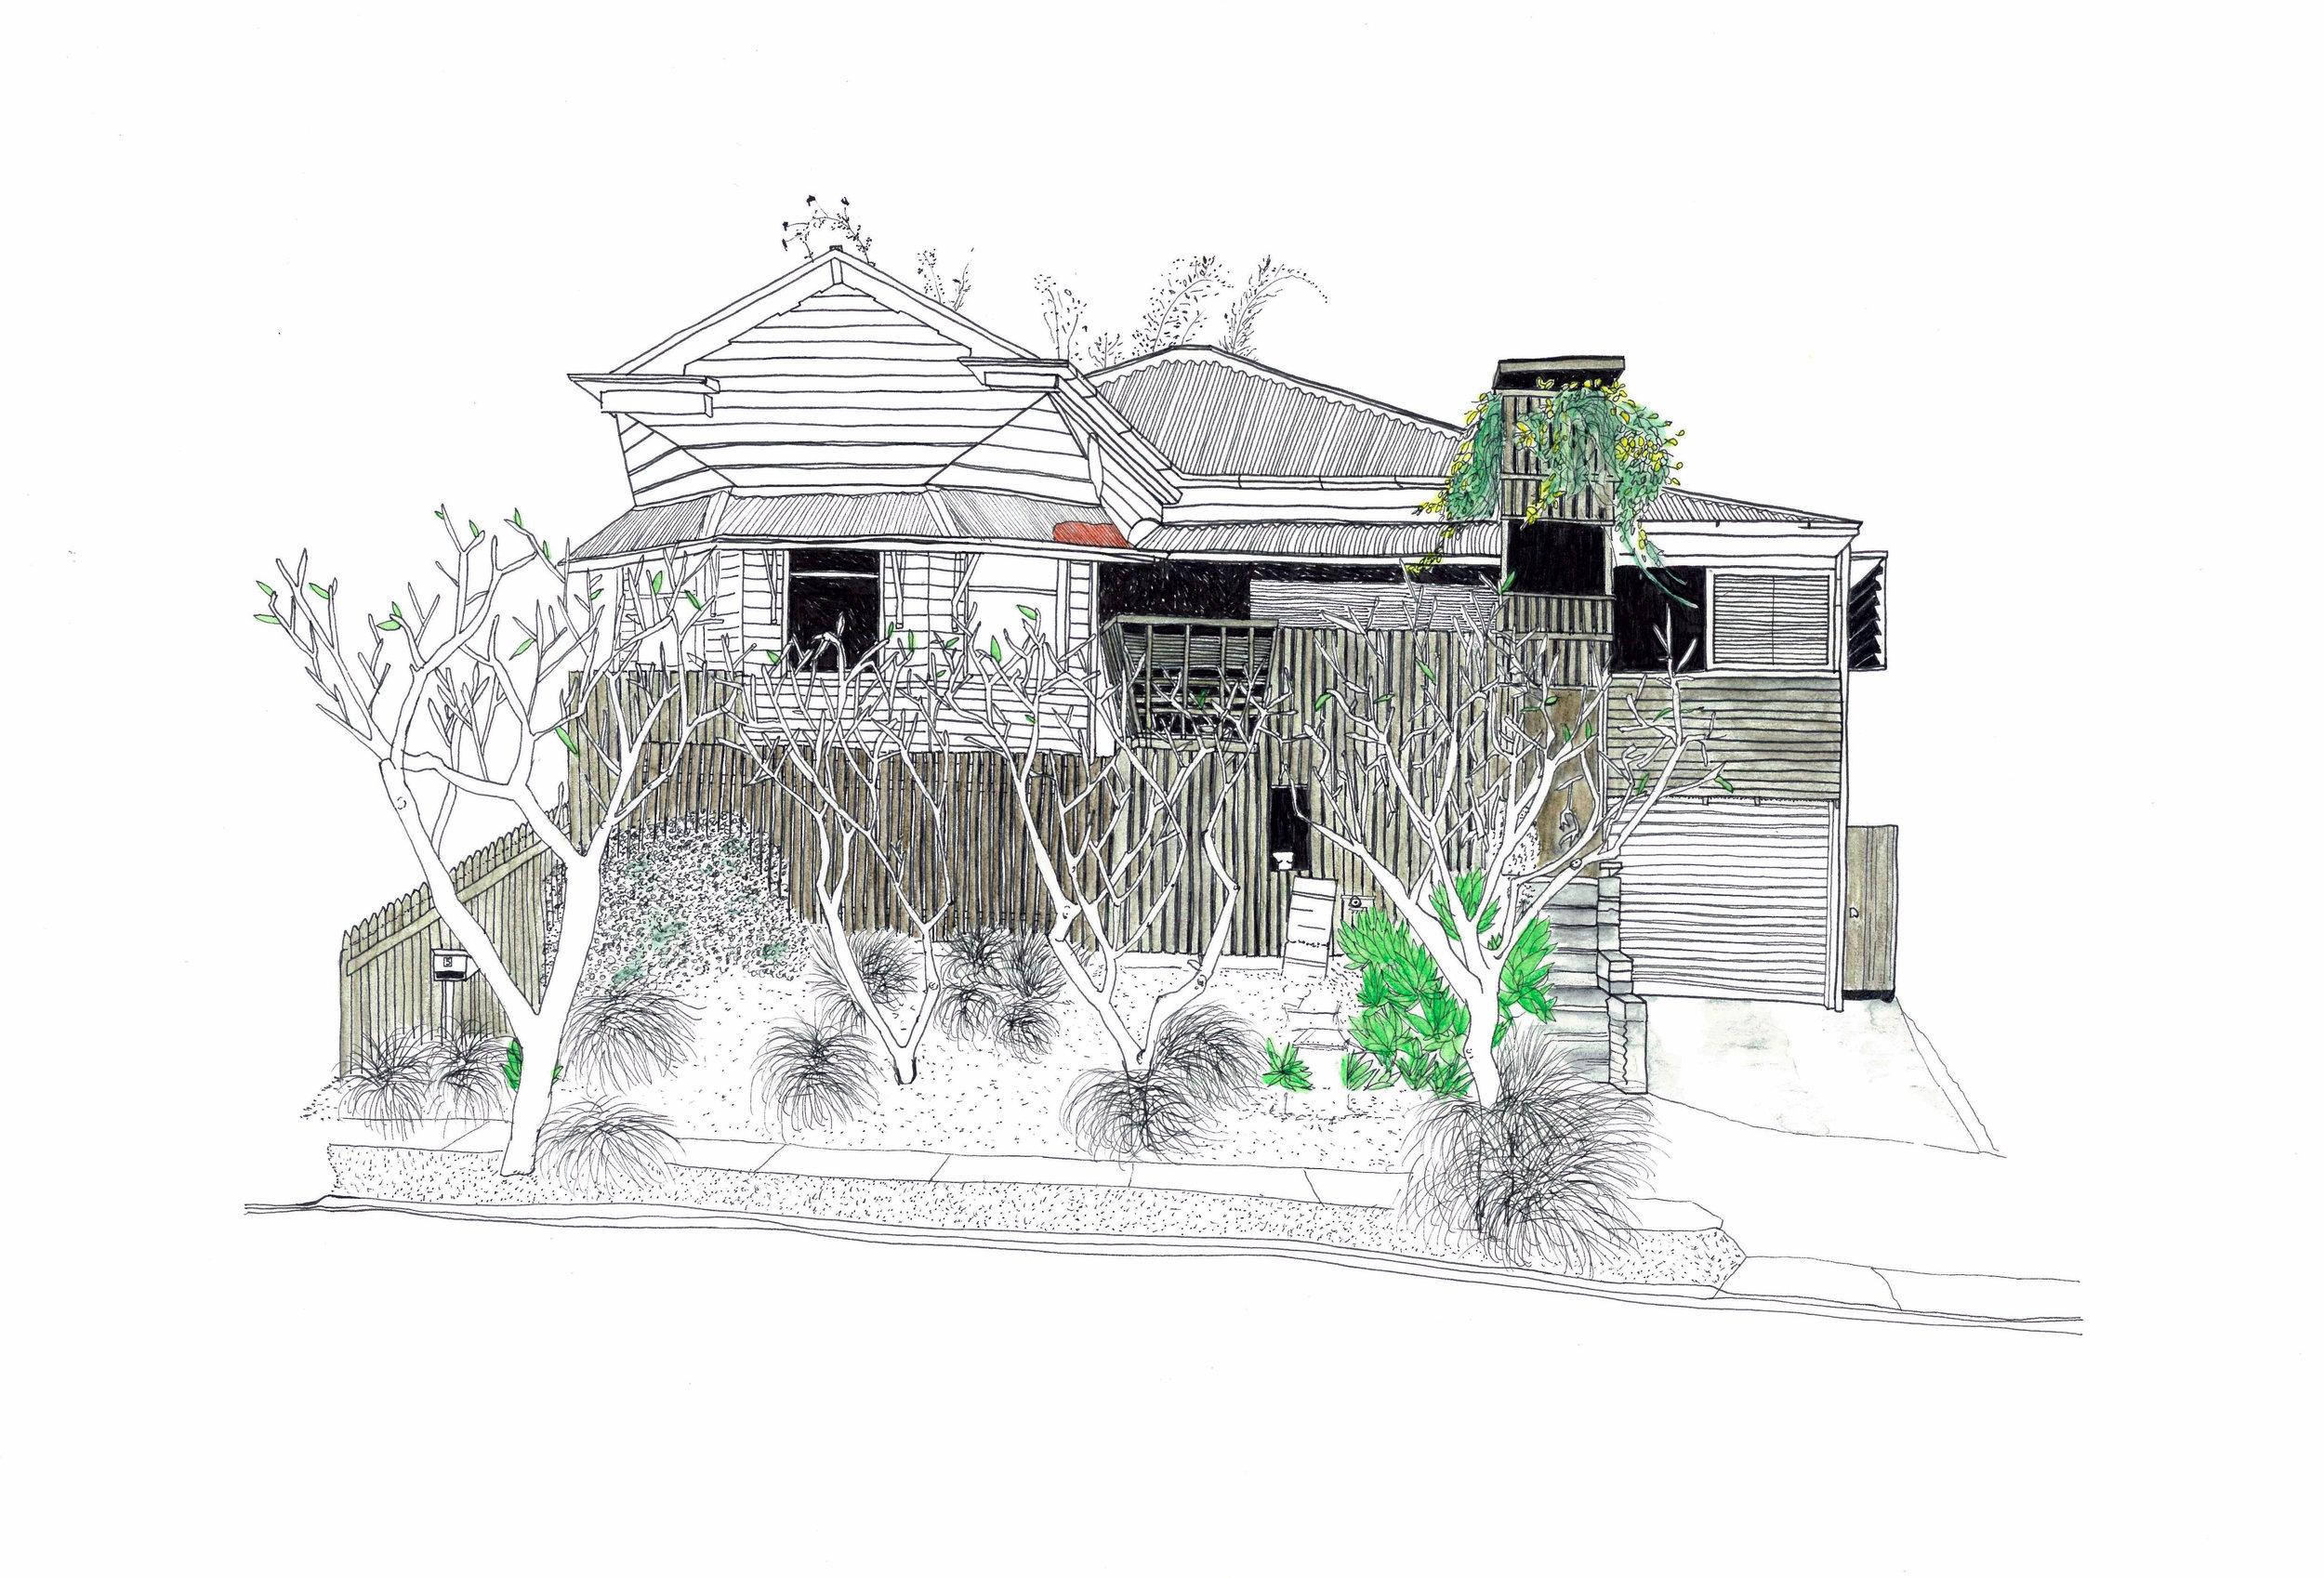 #8 Erin's House